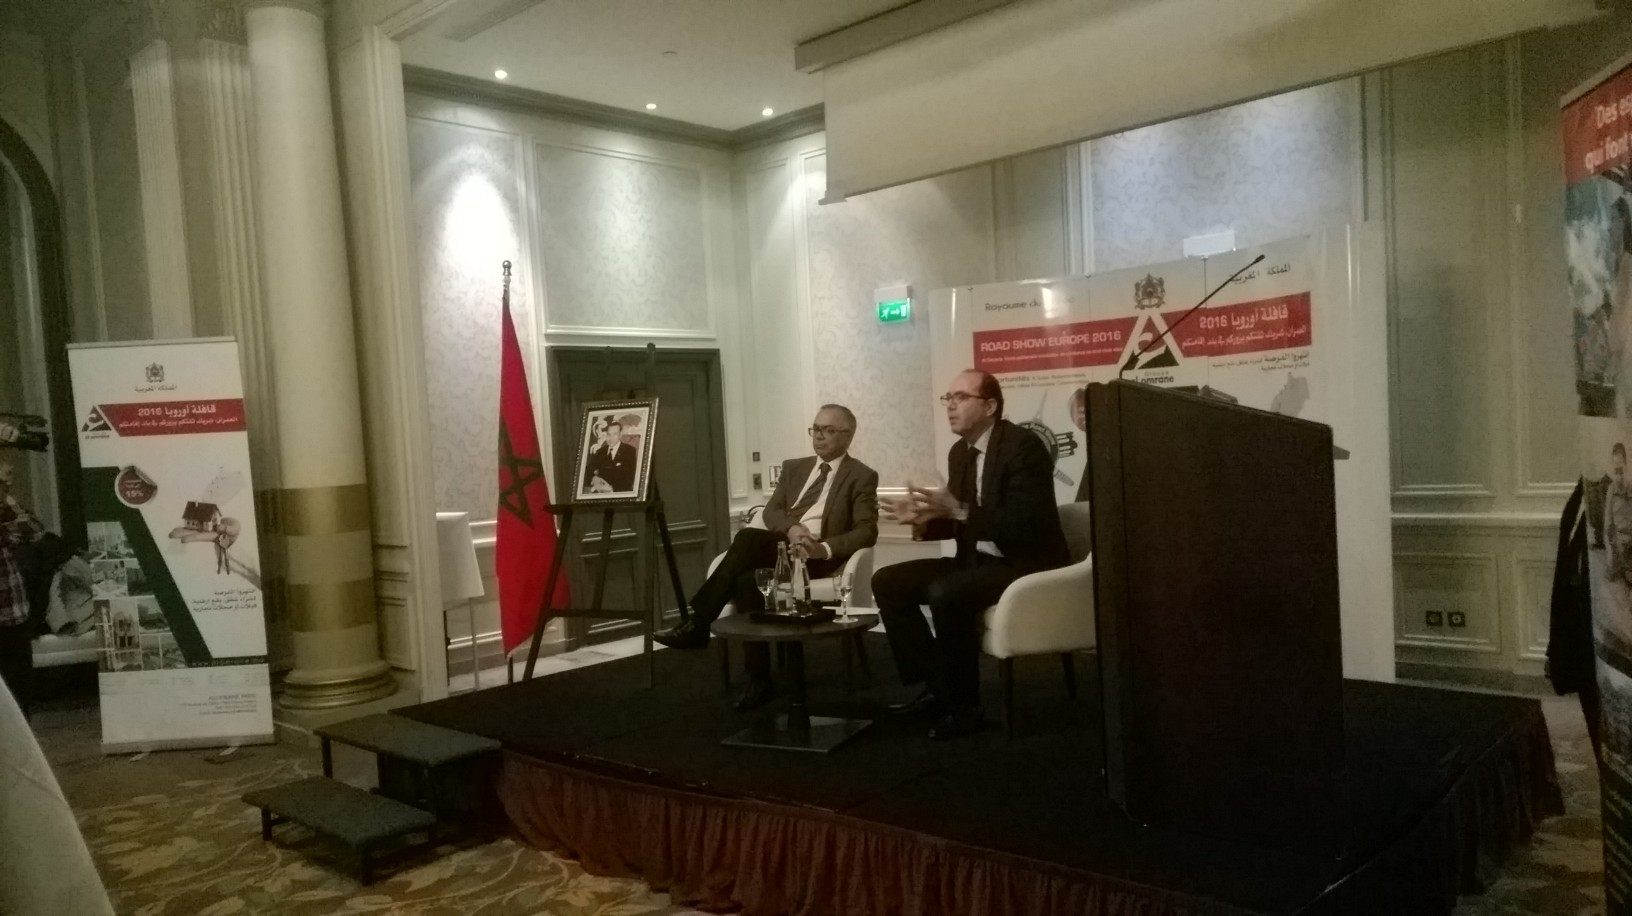 Le groupe Al Omrane part à la rencontre des Marocains du monde